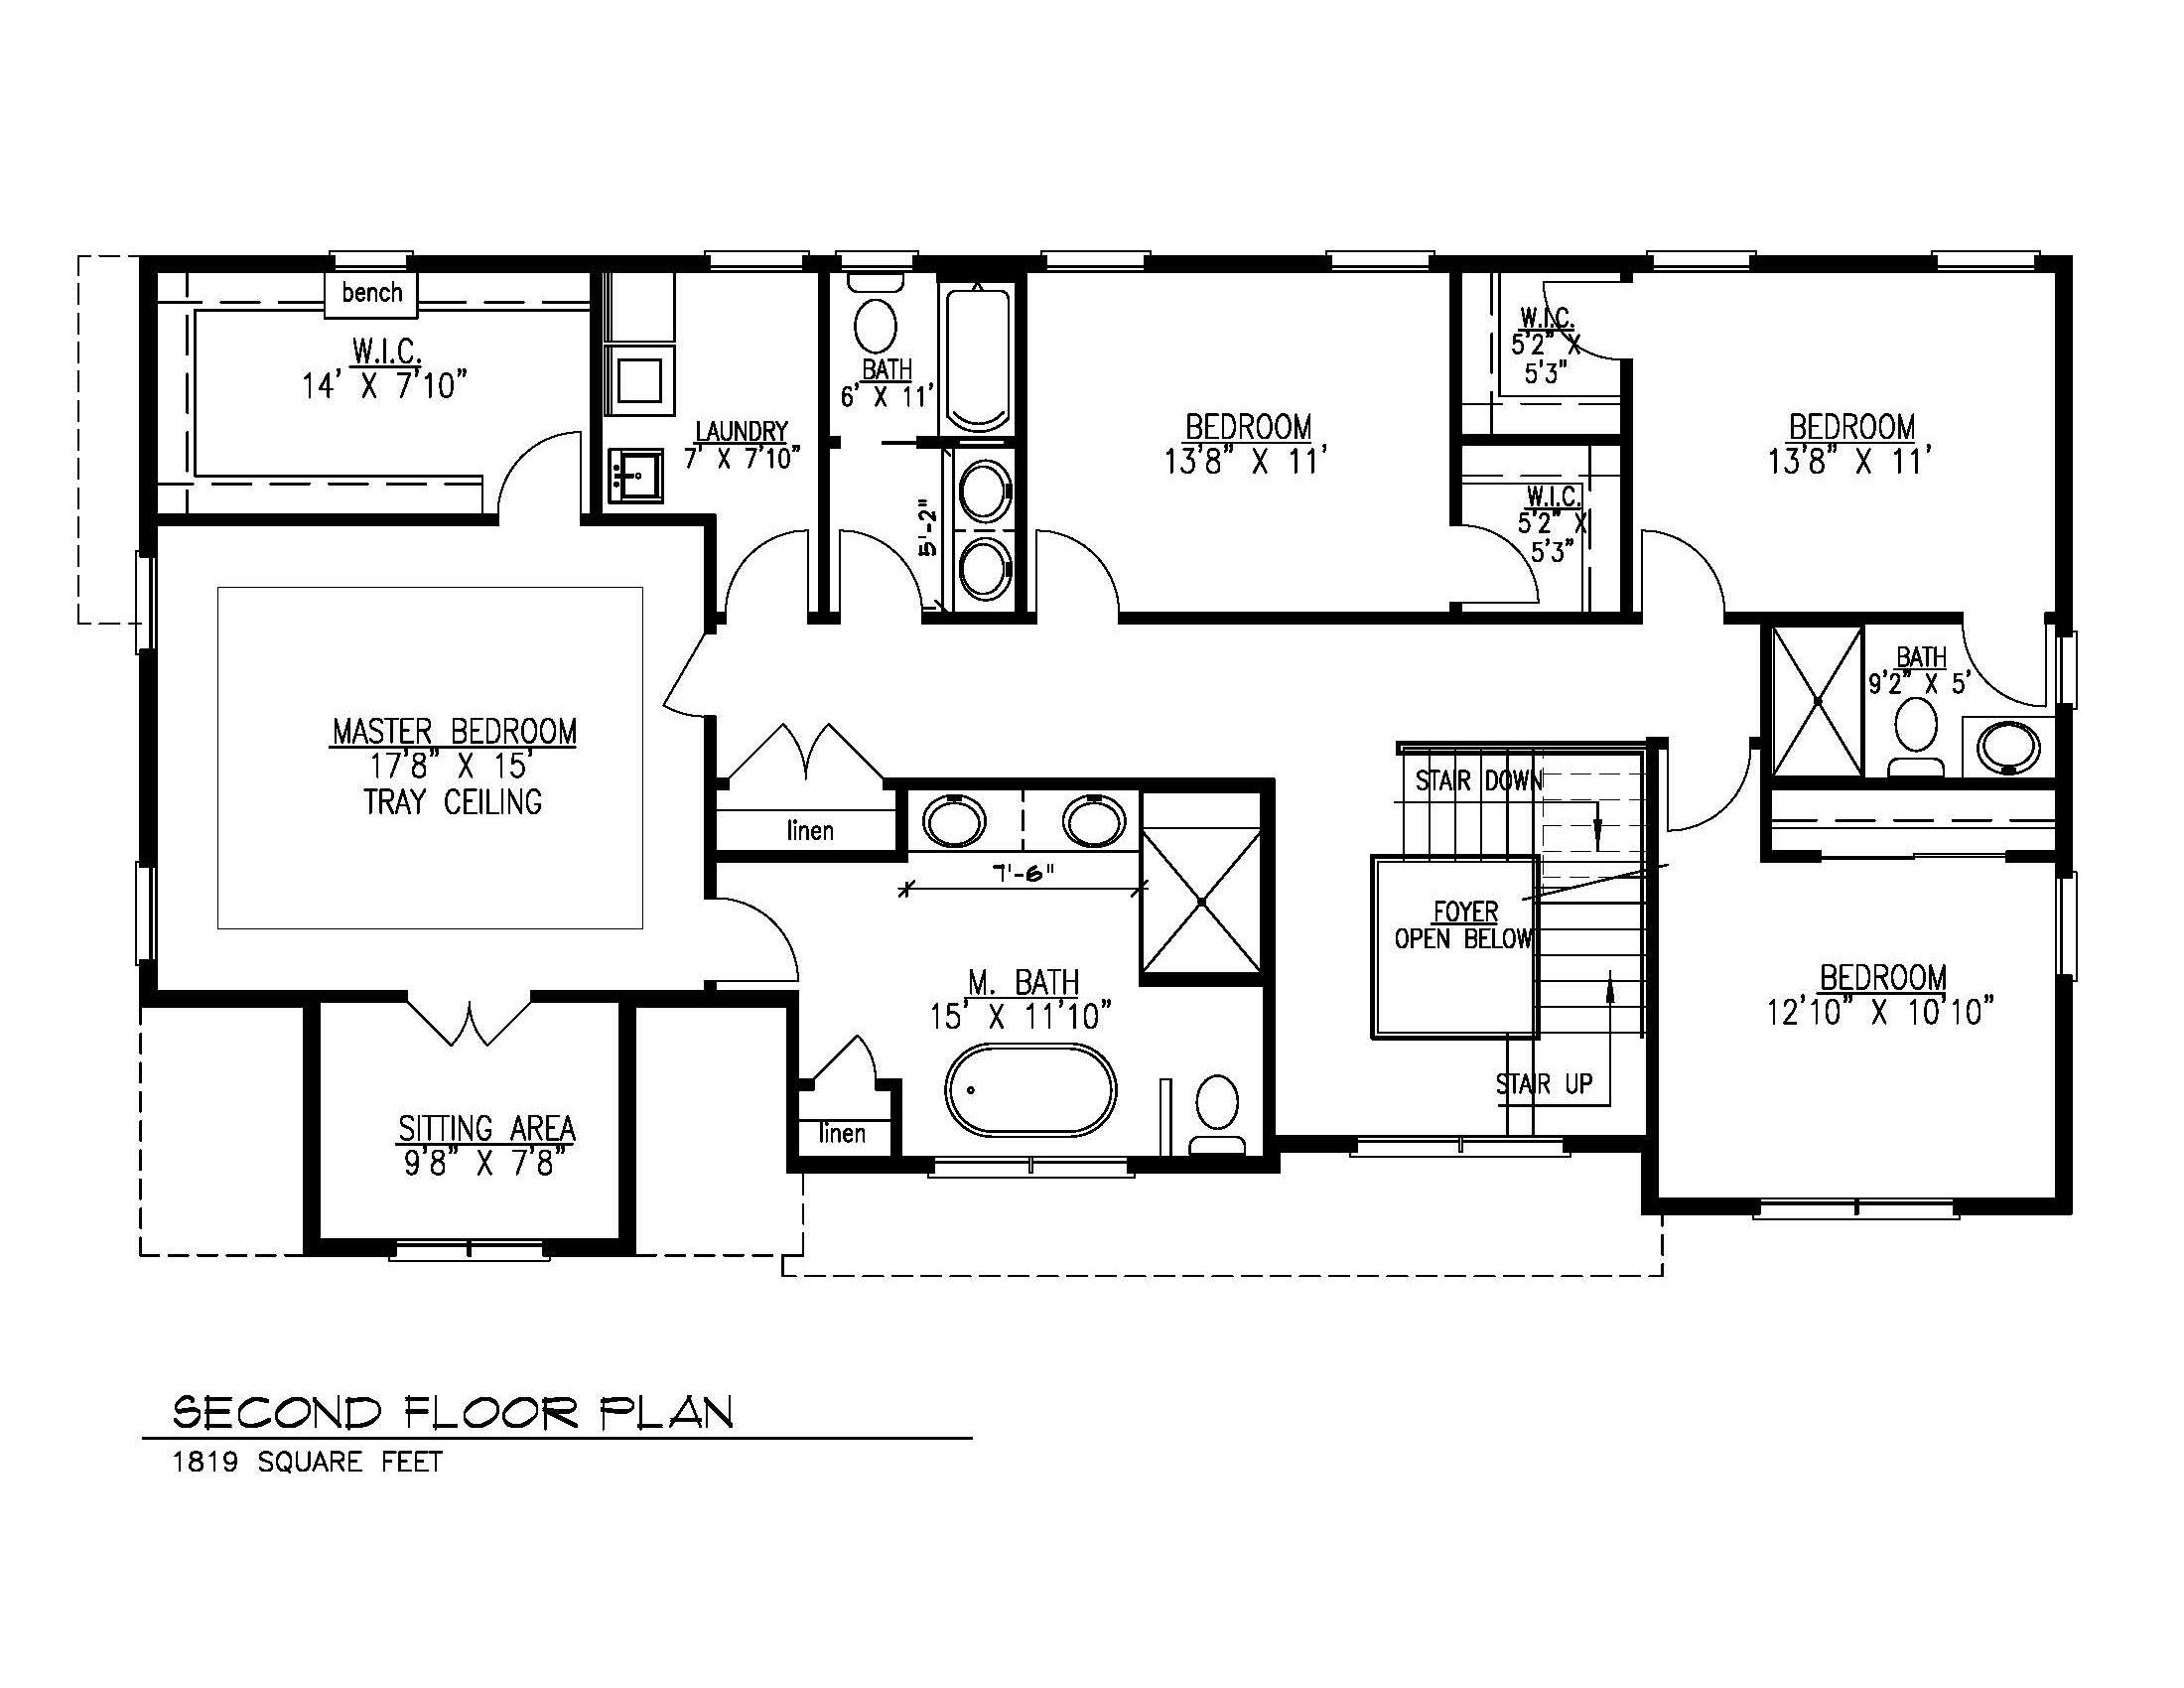 Second Floor Plan-08-16-2021